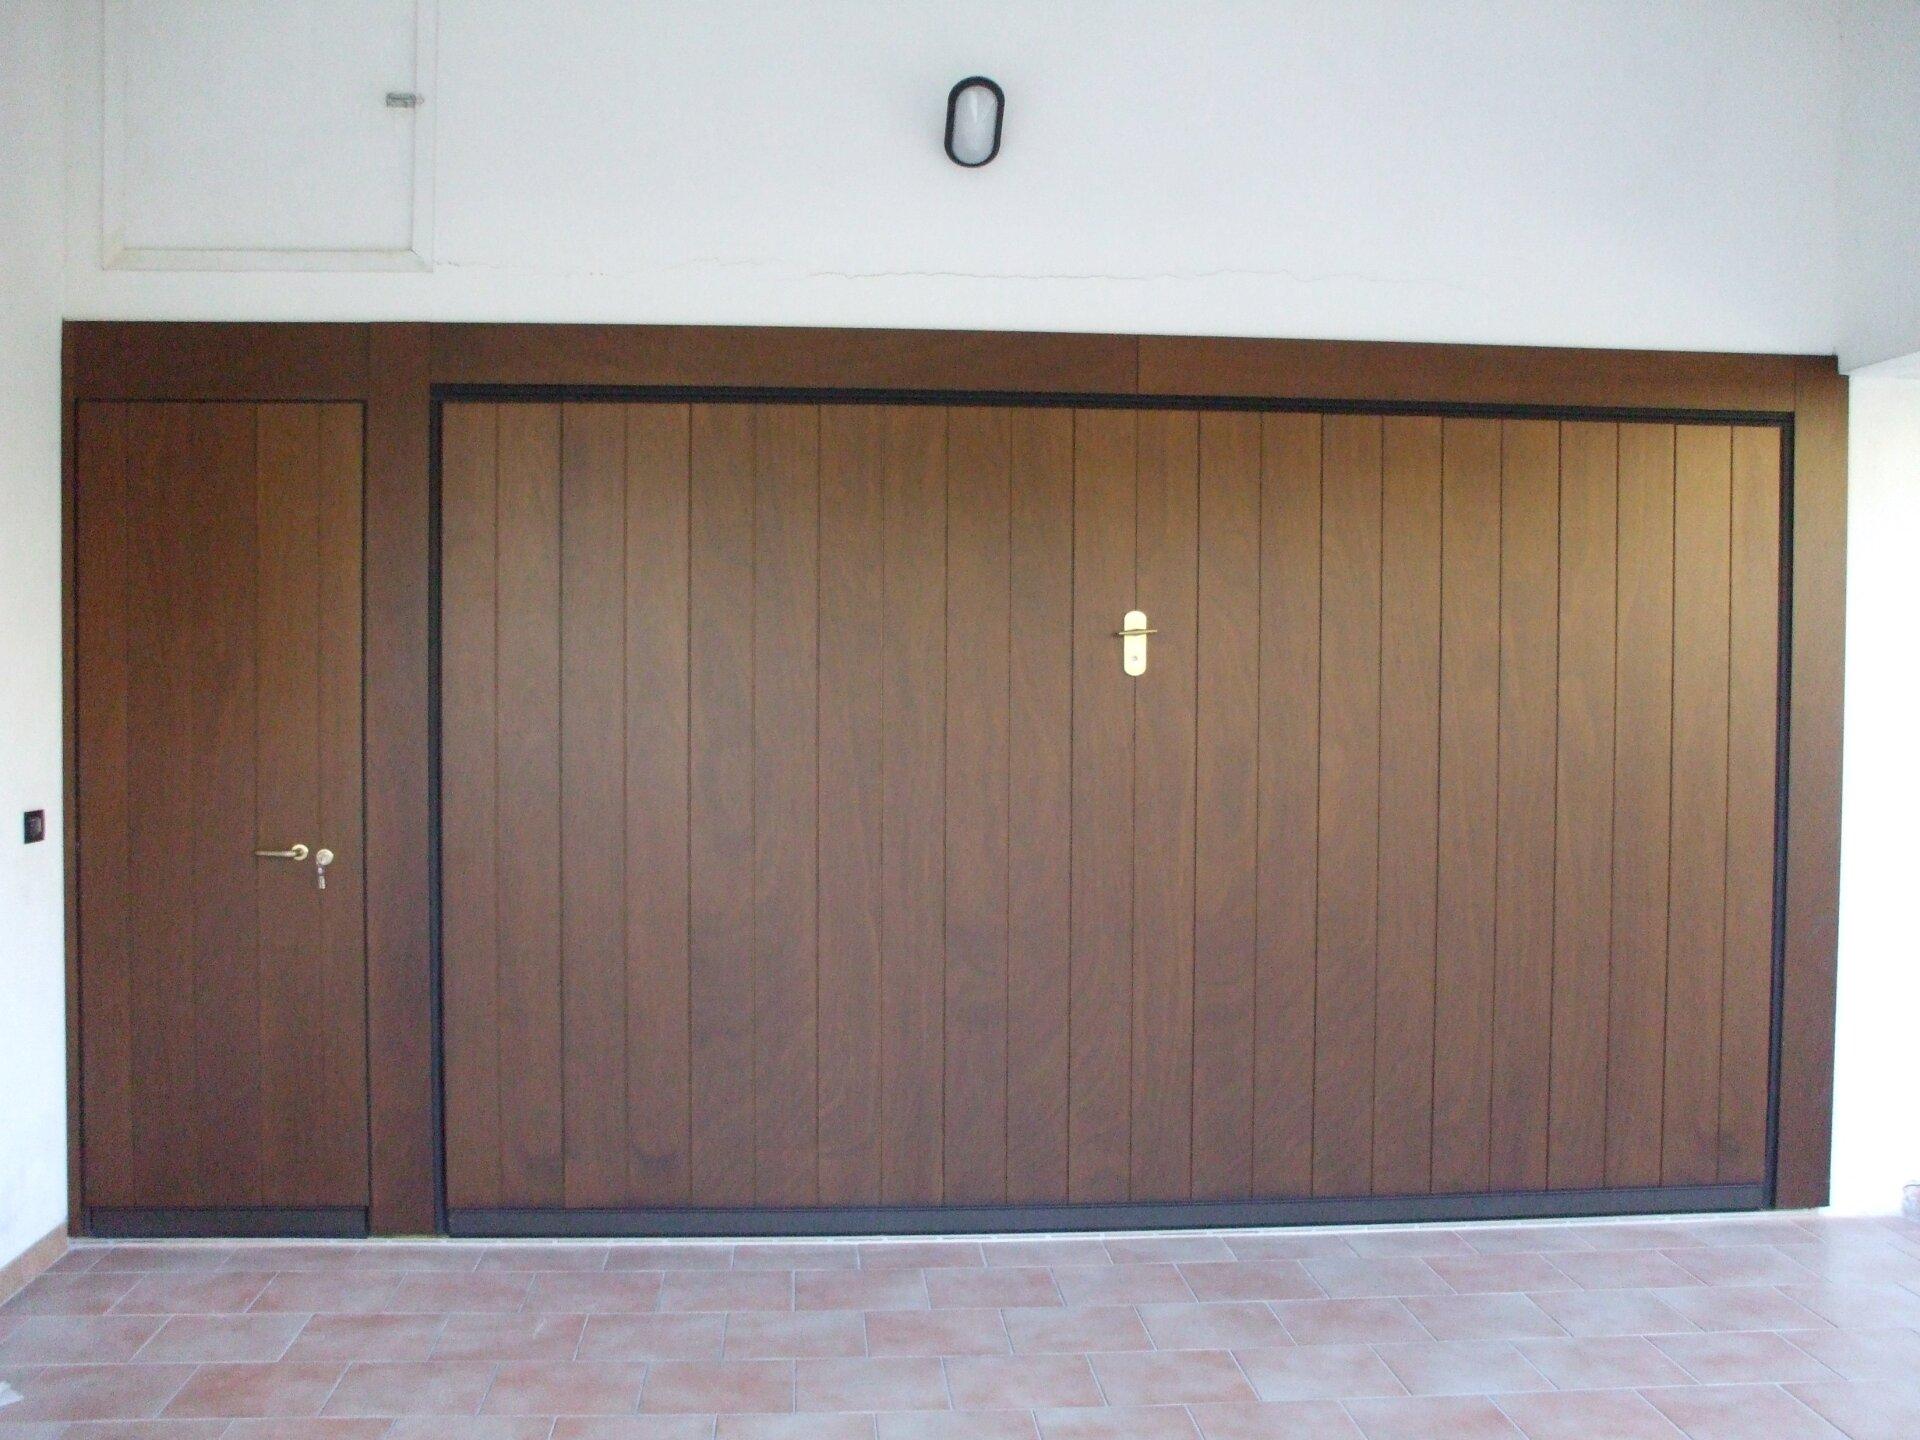 Porta garage di legno colore marrone